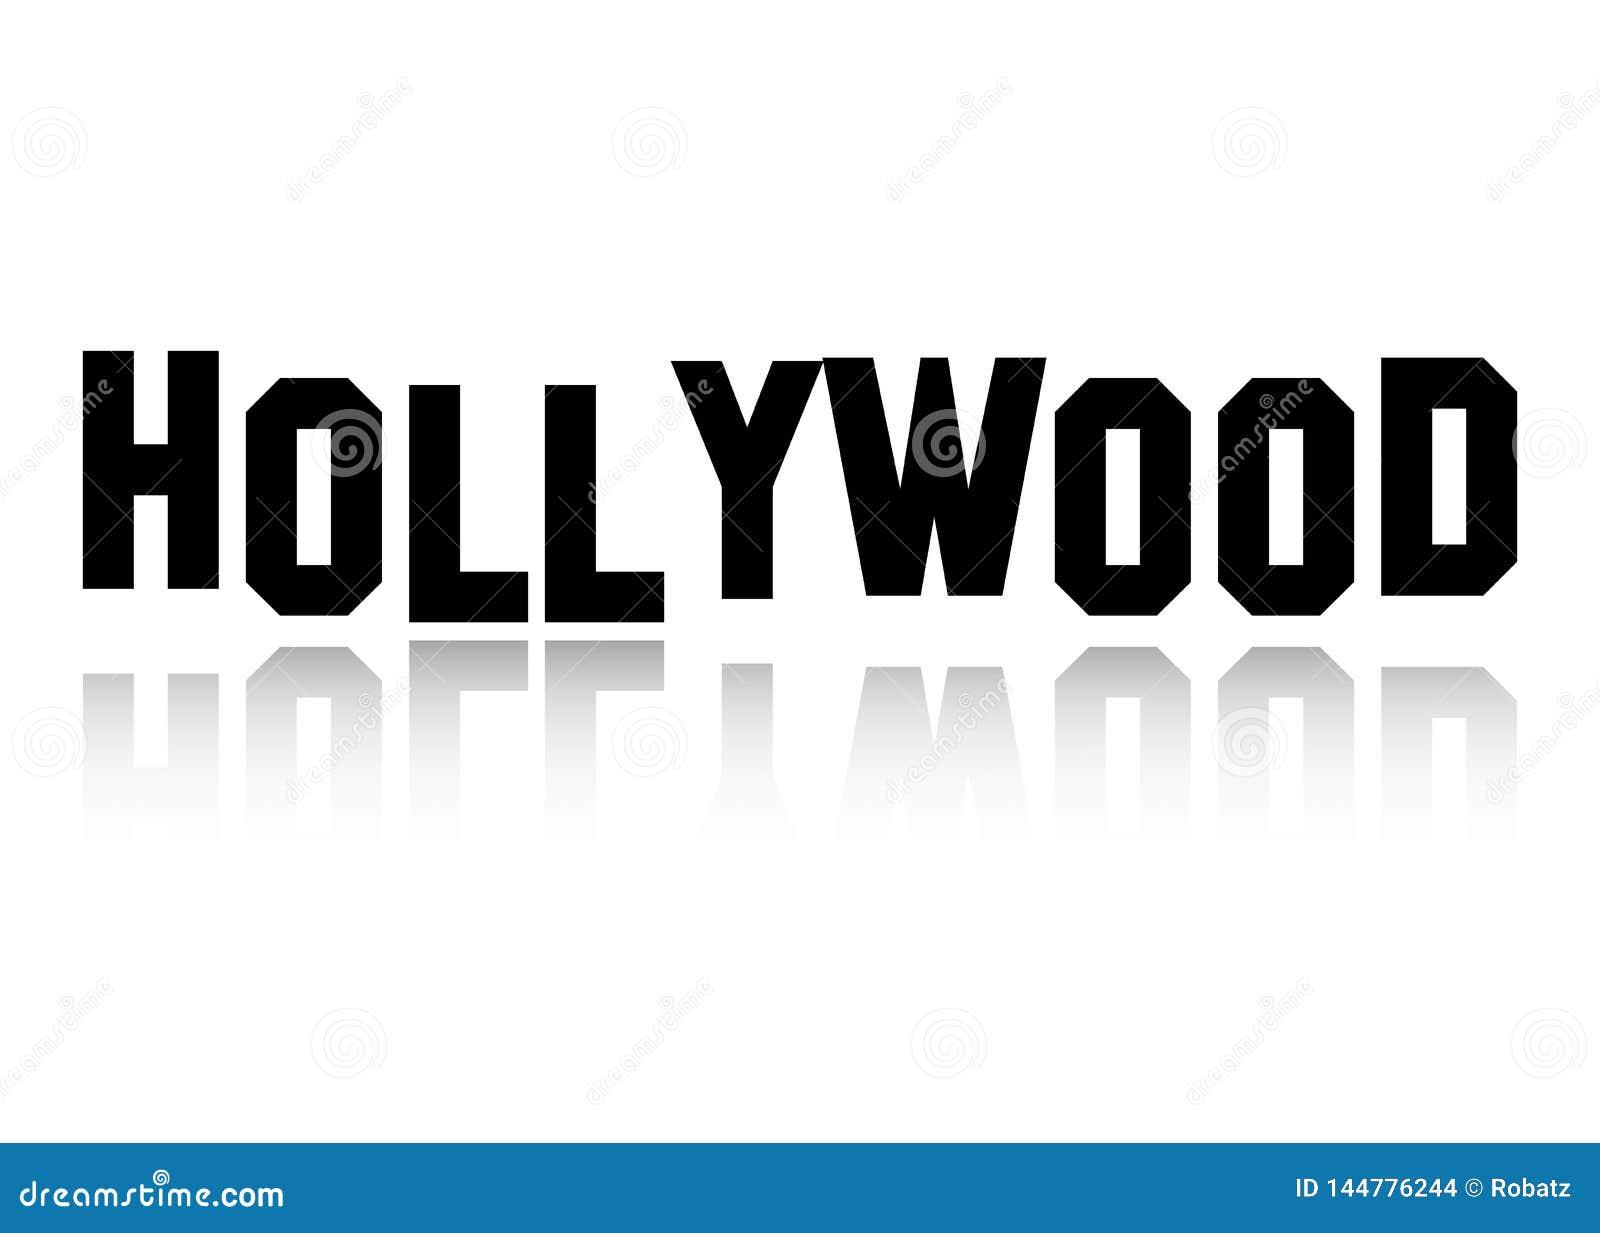 El logotipo del vector de Hollywood, las letras negras aisló o el fondo blanco